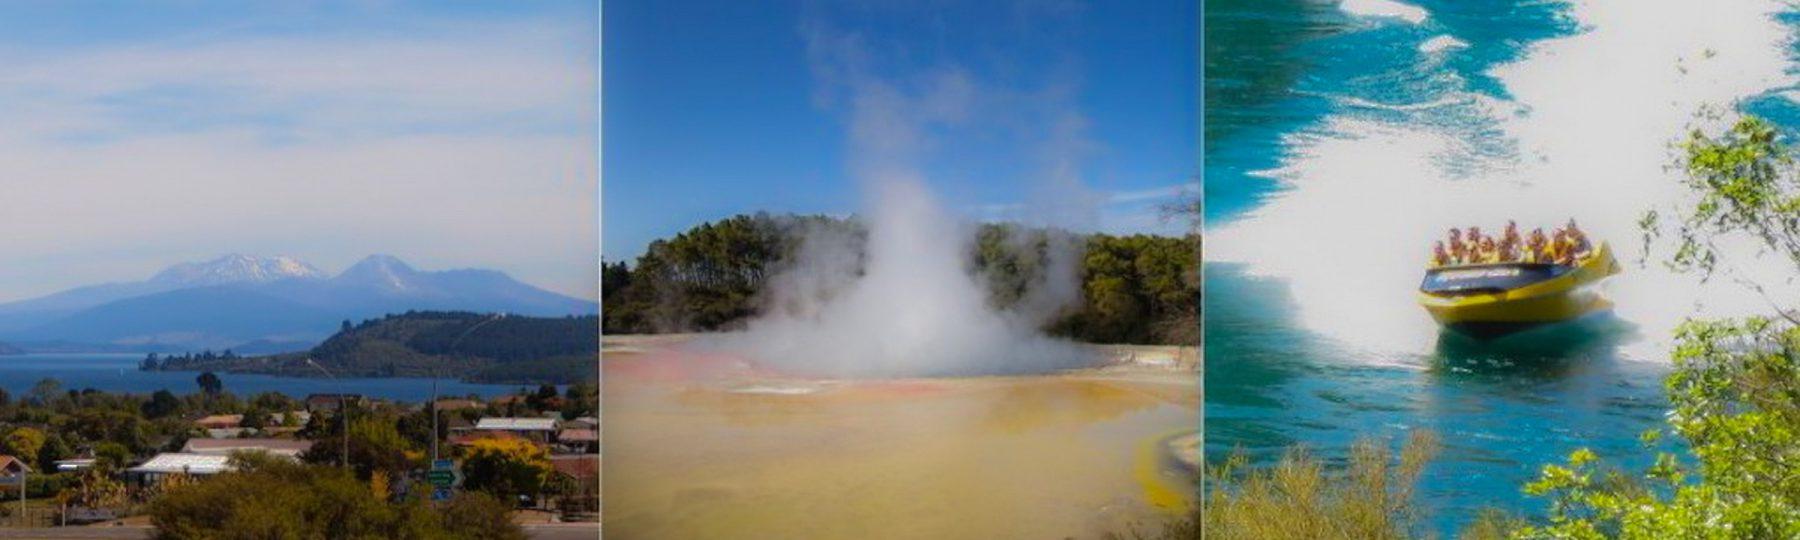 Vulkane und dampfende Erde Volcanic Country auf Neuseeland